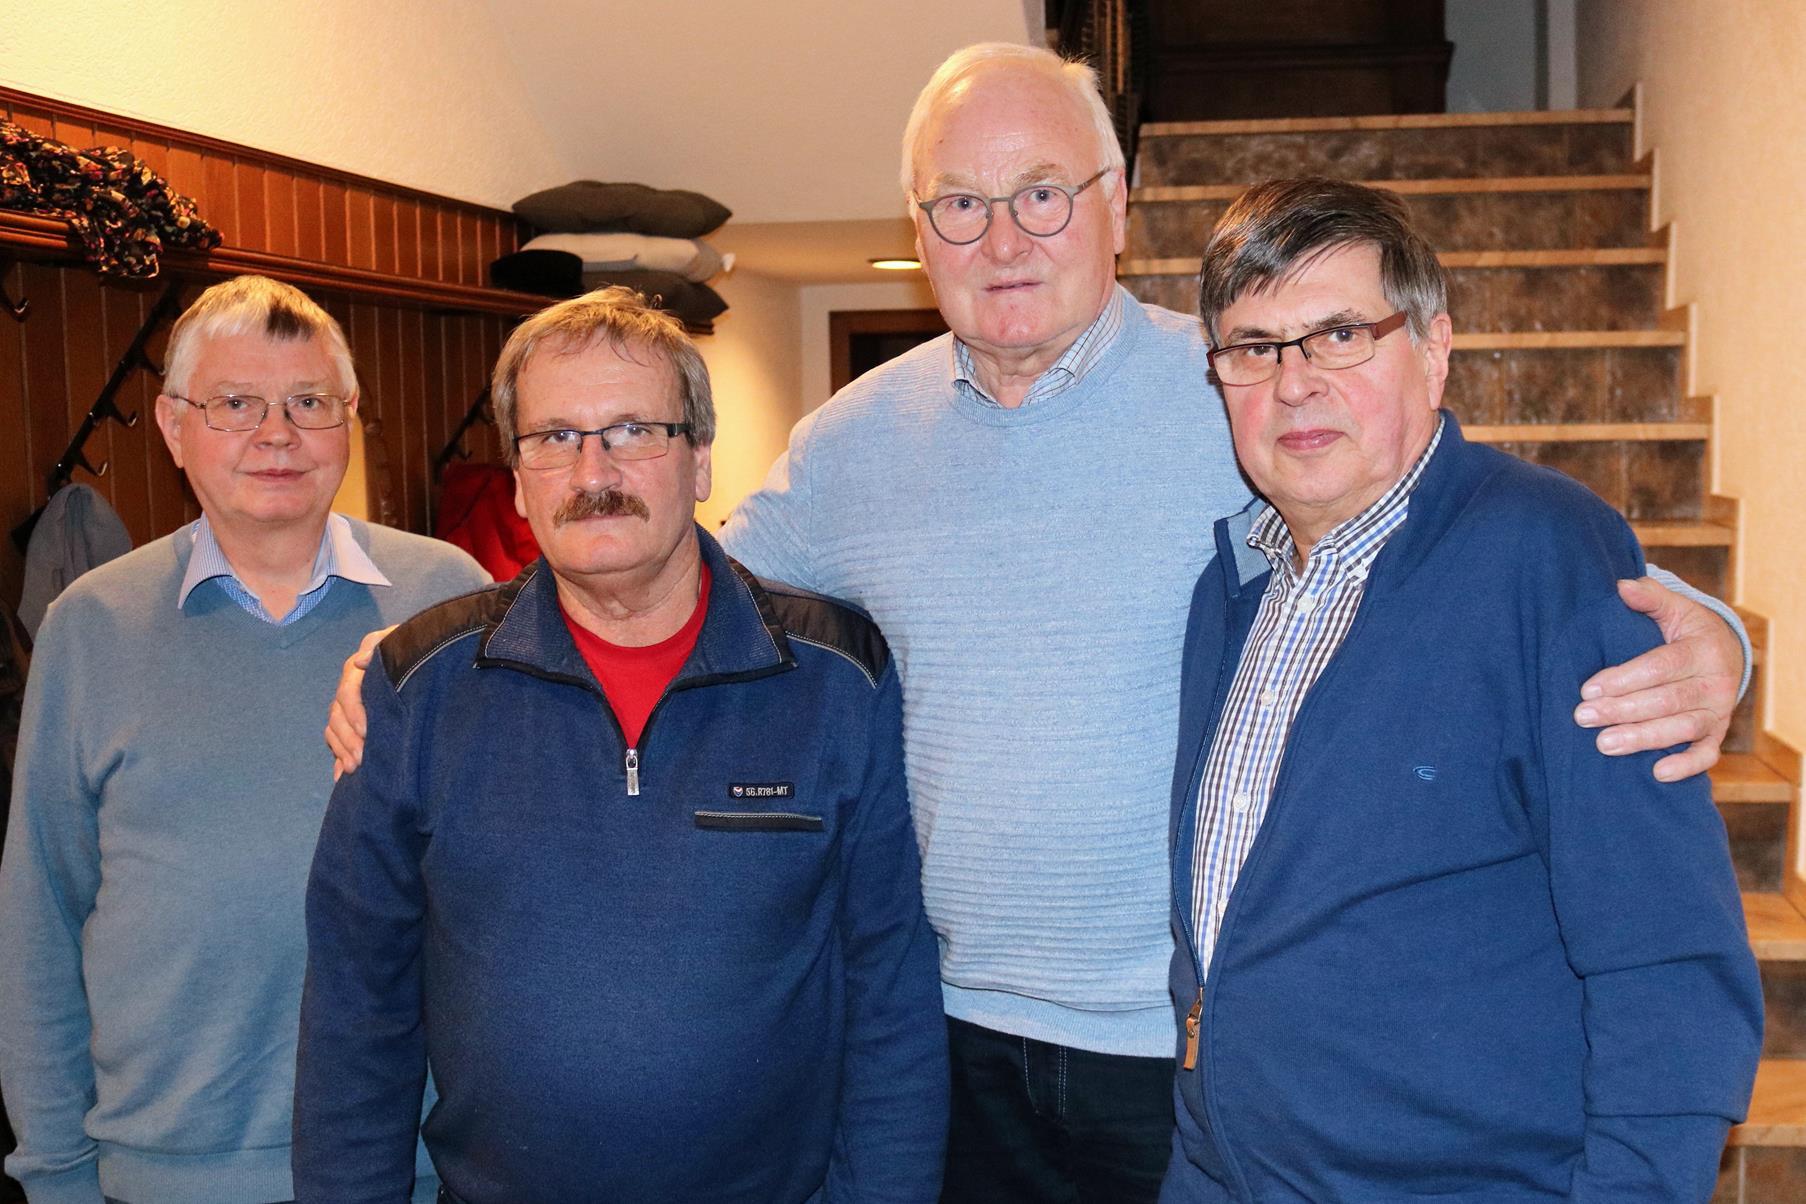 Die besten Kartenspieler: Manfred Lahrmann (v.r.), Hartwig Wuttke, Erwin Heuermann und Turnierleiter Reinhard Hegerfeld.